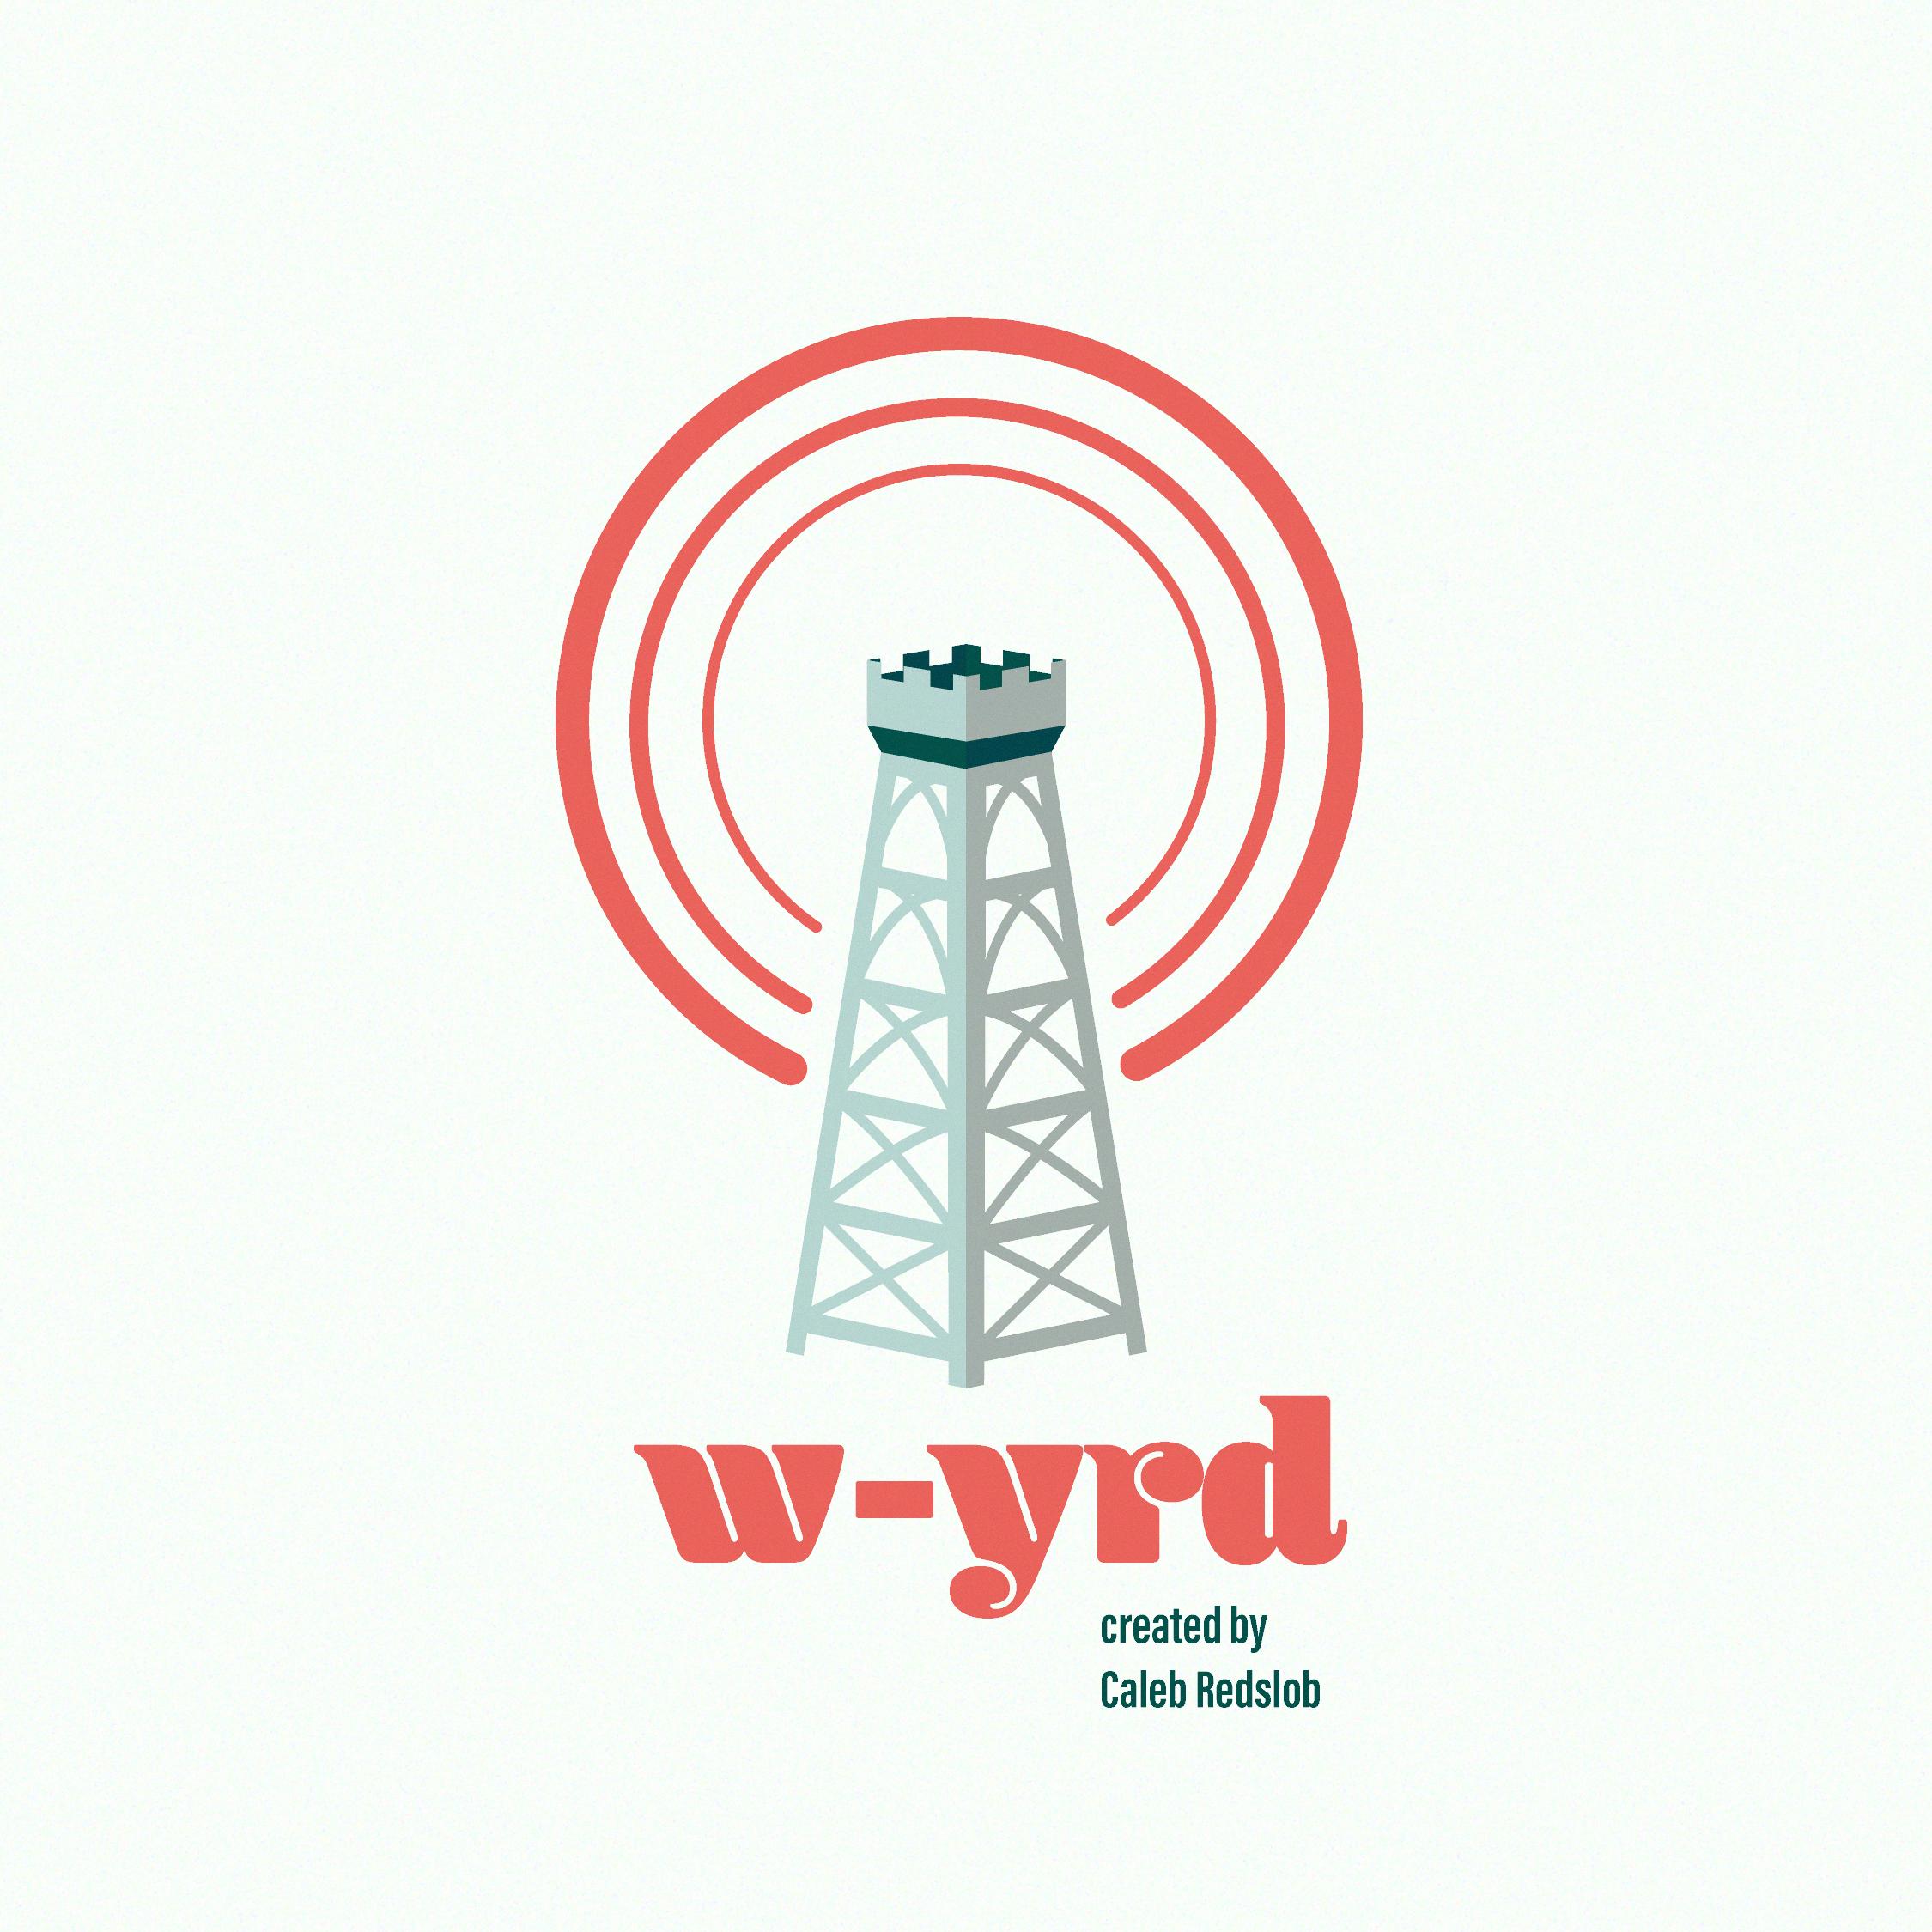 VVT_WYRD logo